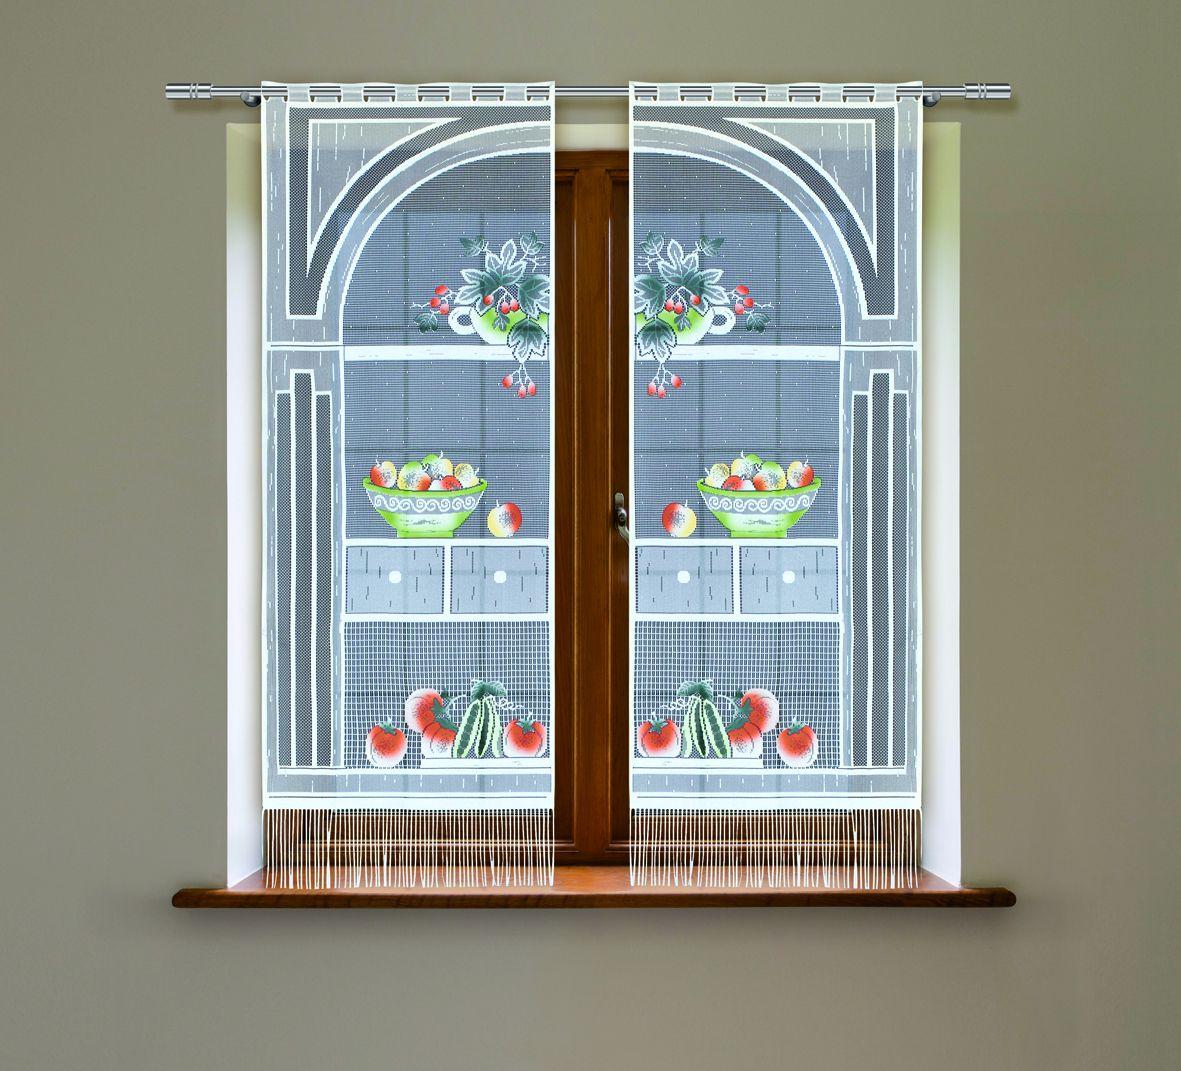 Комплект гардин Haft, на петлях, цвет: белый, высота 160 см, 2 шт. 21494С21494С/60Воздушные гардины Haft великолепно украсят любое окно. Комплект состоит из двух гардин, выполненных из полиэстера.Изделие имеет оригинальный дизайн и органично впишется в интерьер помещения.Комплект крепится на карниз при помощи петель.